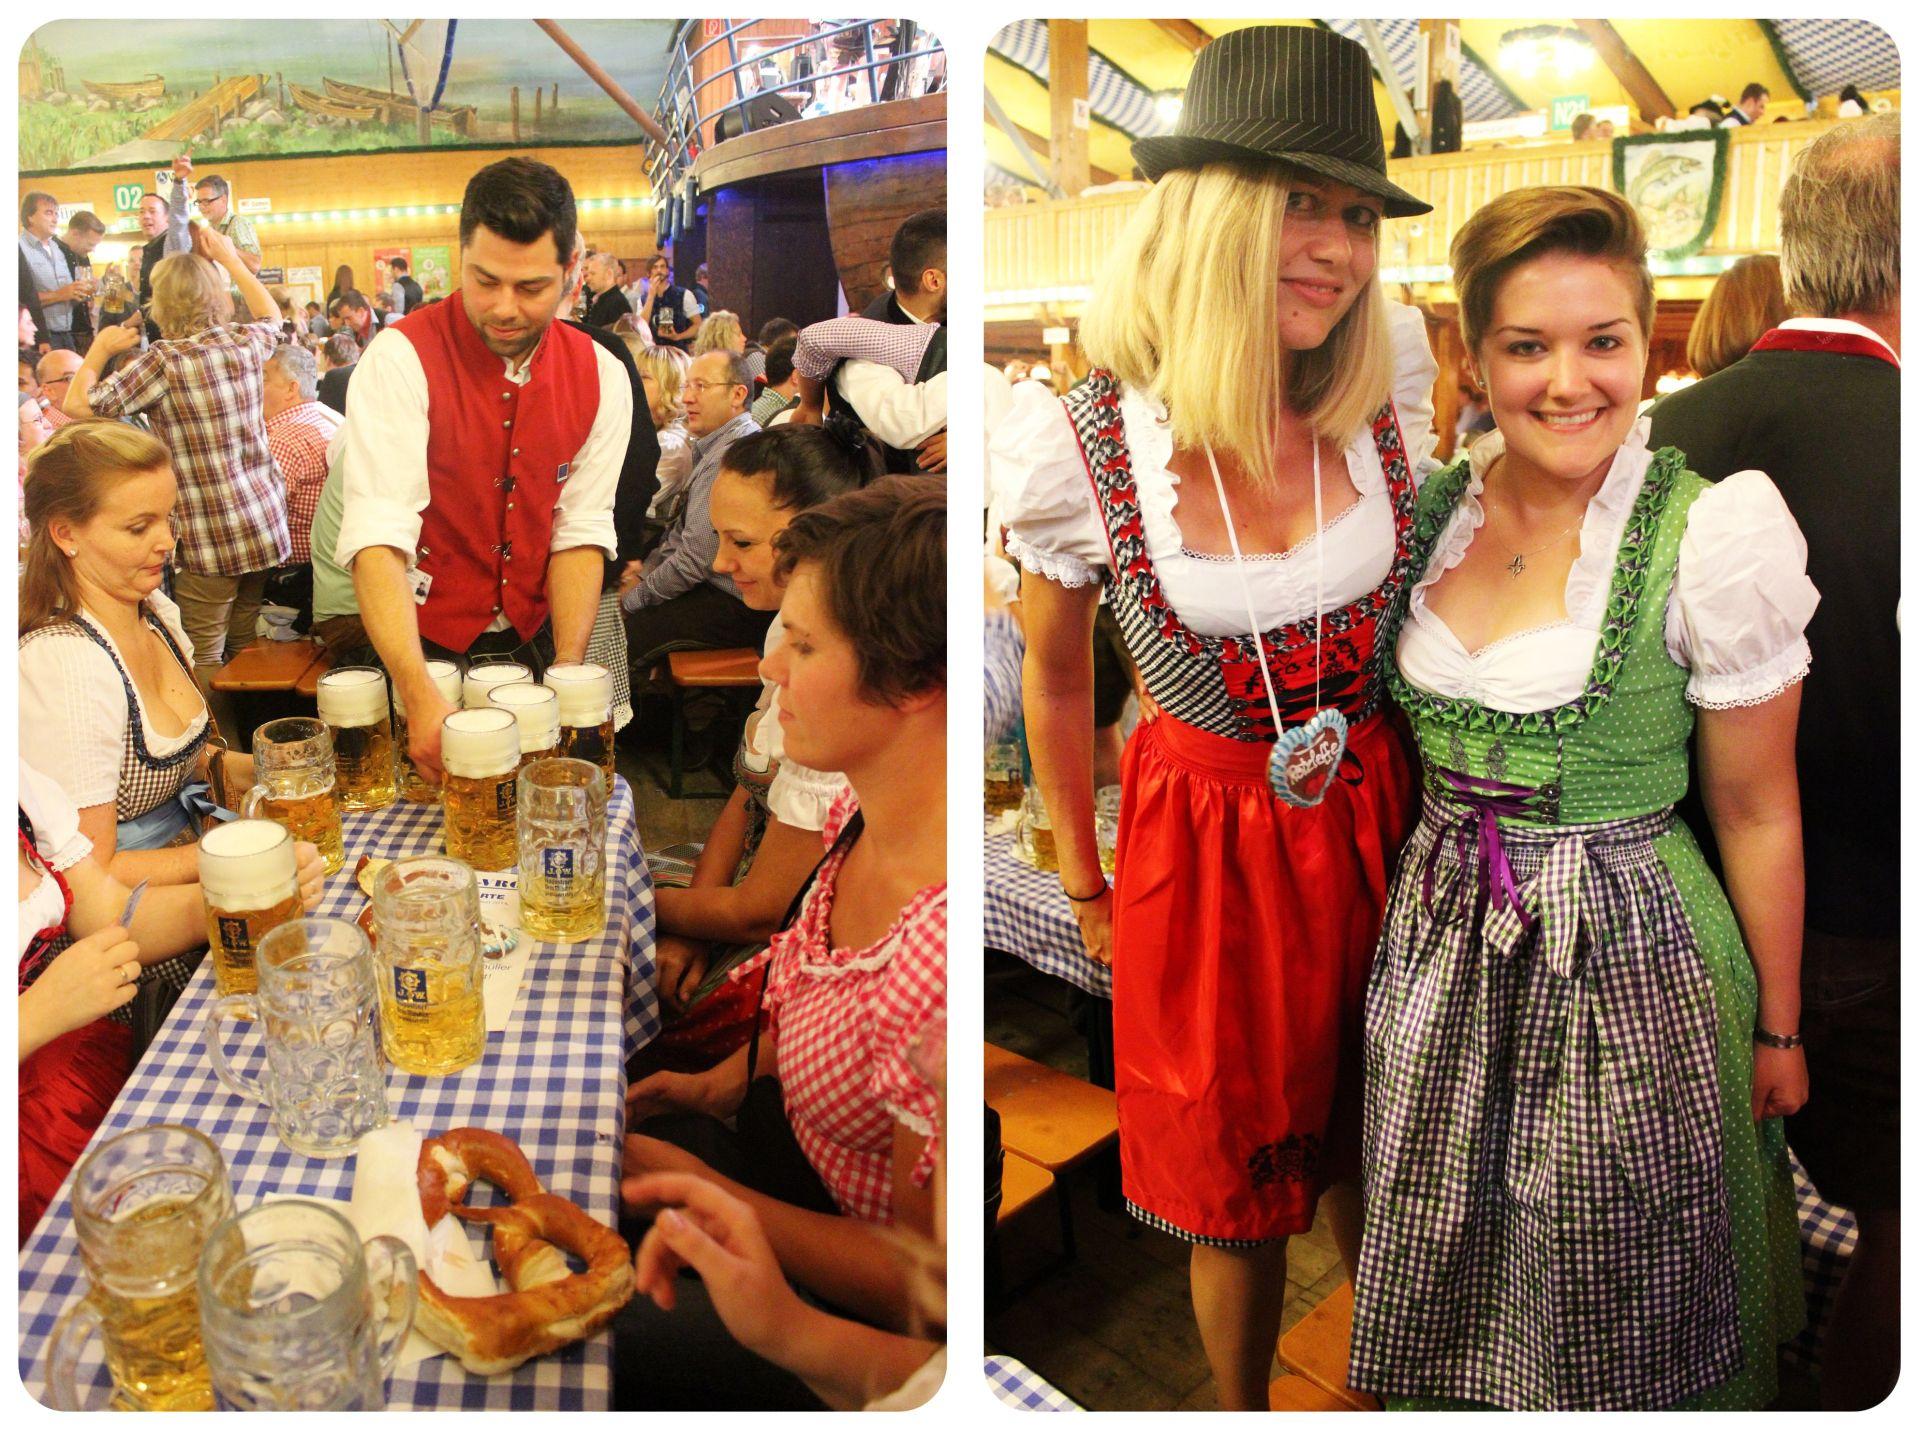 Oktoberfest fun 2014